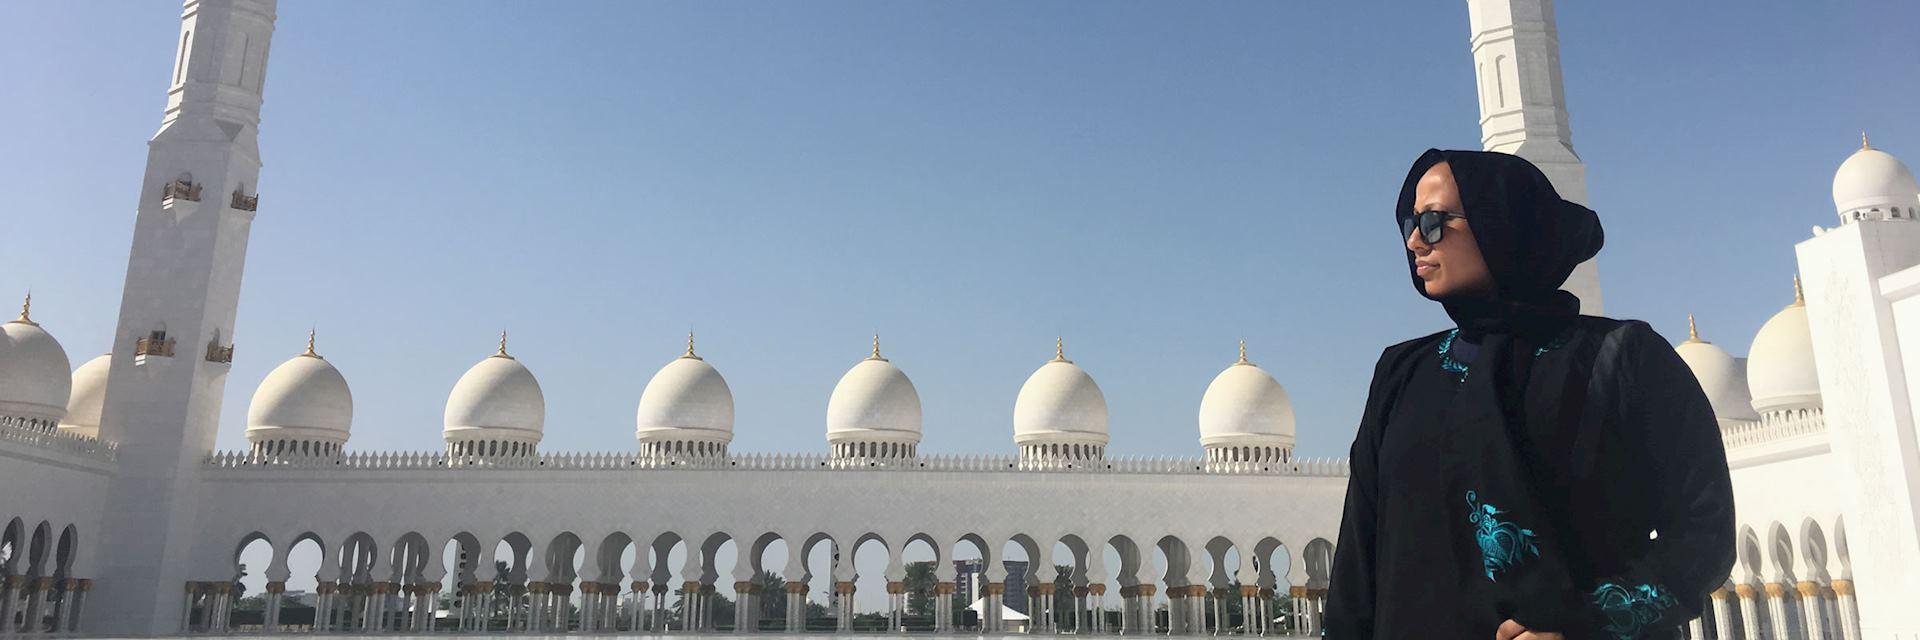 Blaise at the Grand Mosque, Abu Dhabi